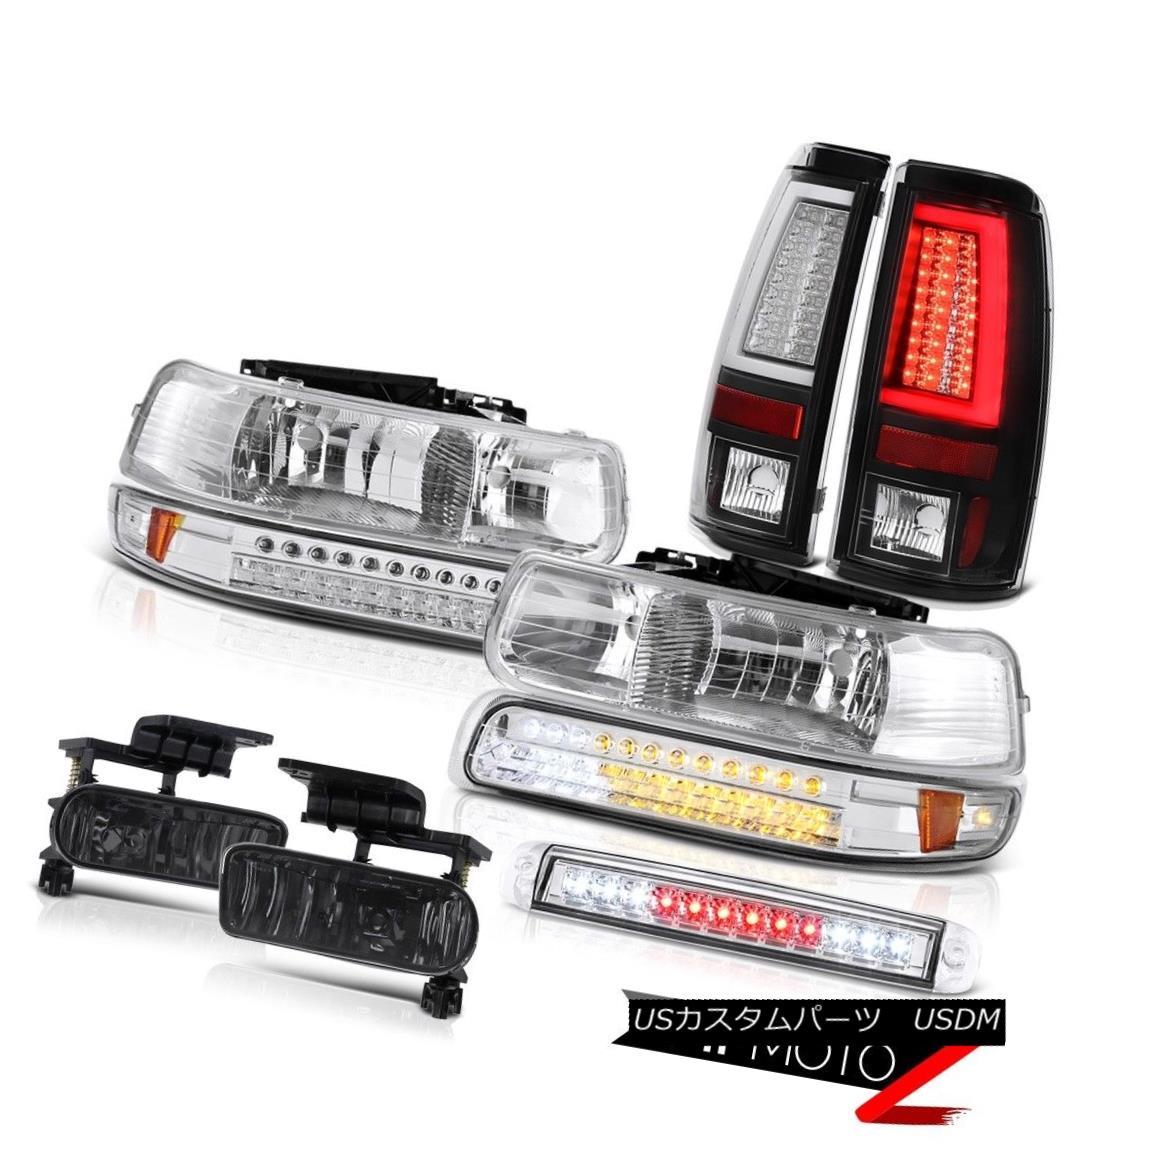 テールライト 99-02 Silverado LTZ Tail Lights Chrome High Stop Lamp Headlights Foglamps LED 99-02 Silverado LTZテールライトクロームハイストップランプヘッドライトフォグランプLED